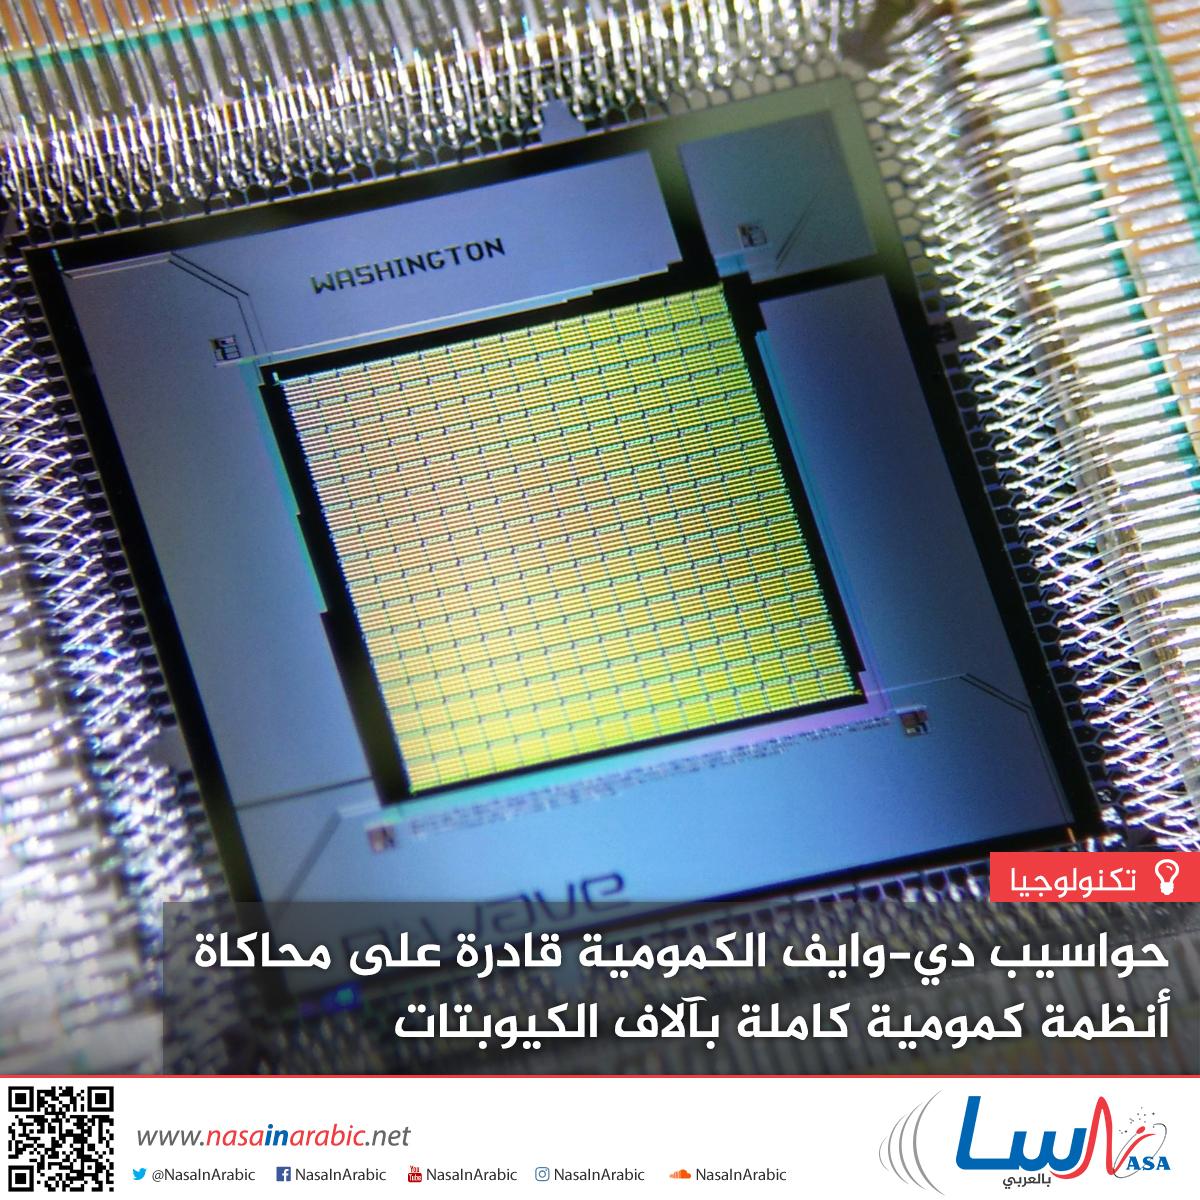 حواسيب دي-وايف الكمومية قادرة على محاكاة أنظمة كمومية كاملة بآلاف الكيوبتات